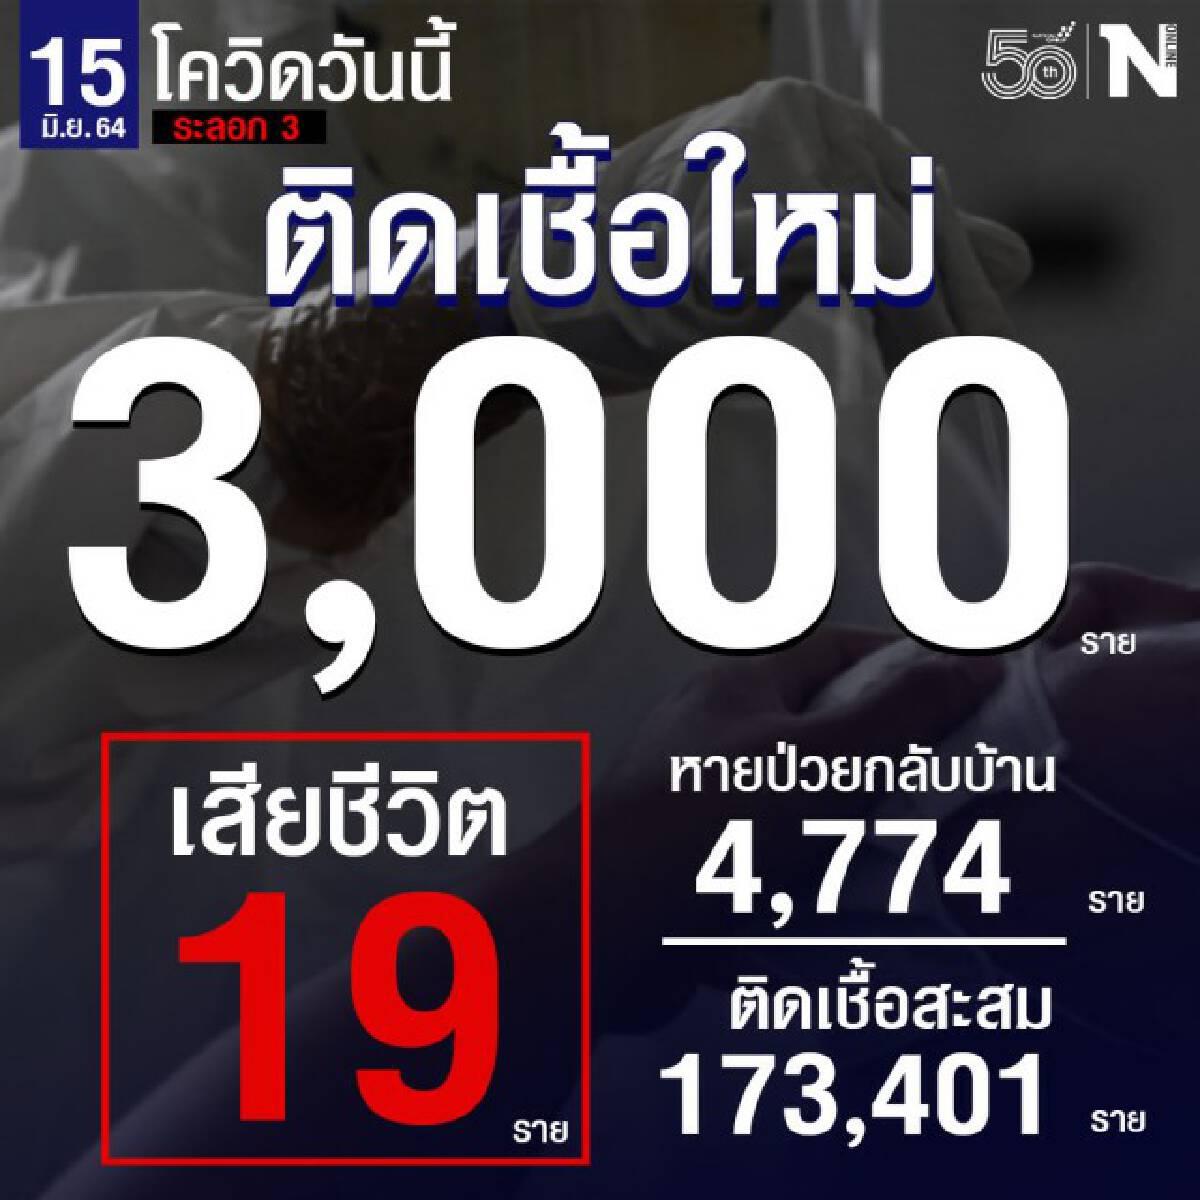 ศบค. เผย ผู้ติดเชื้อรายใหม่รวม 3,000 ราย เสียชีวิต 19 ราย หายป่วยกลับบ้าน 4,774 ราย